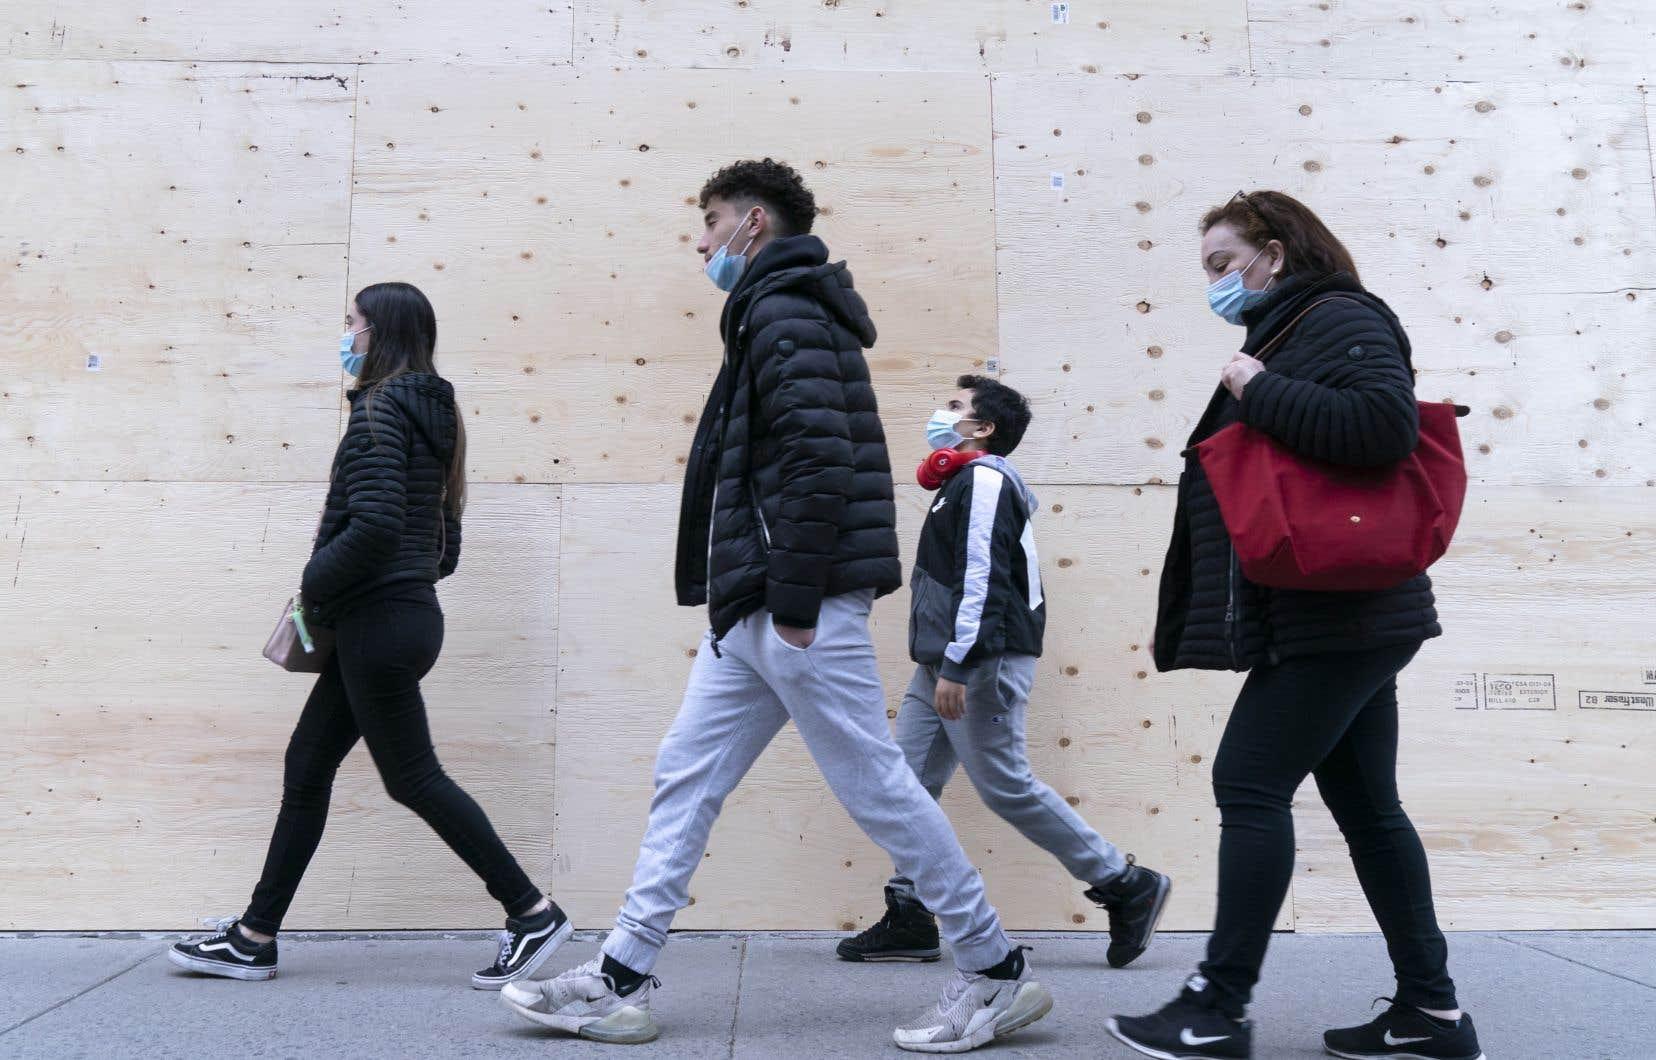 Le bilan sombre pour la génération dite du millénaire s'appuie sur des données montrant que la progression économique se révèle la plus lente à laquelle une génération a été confrontée.